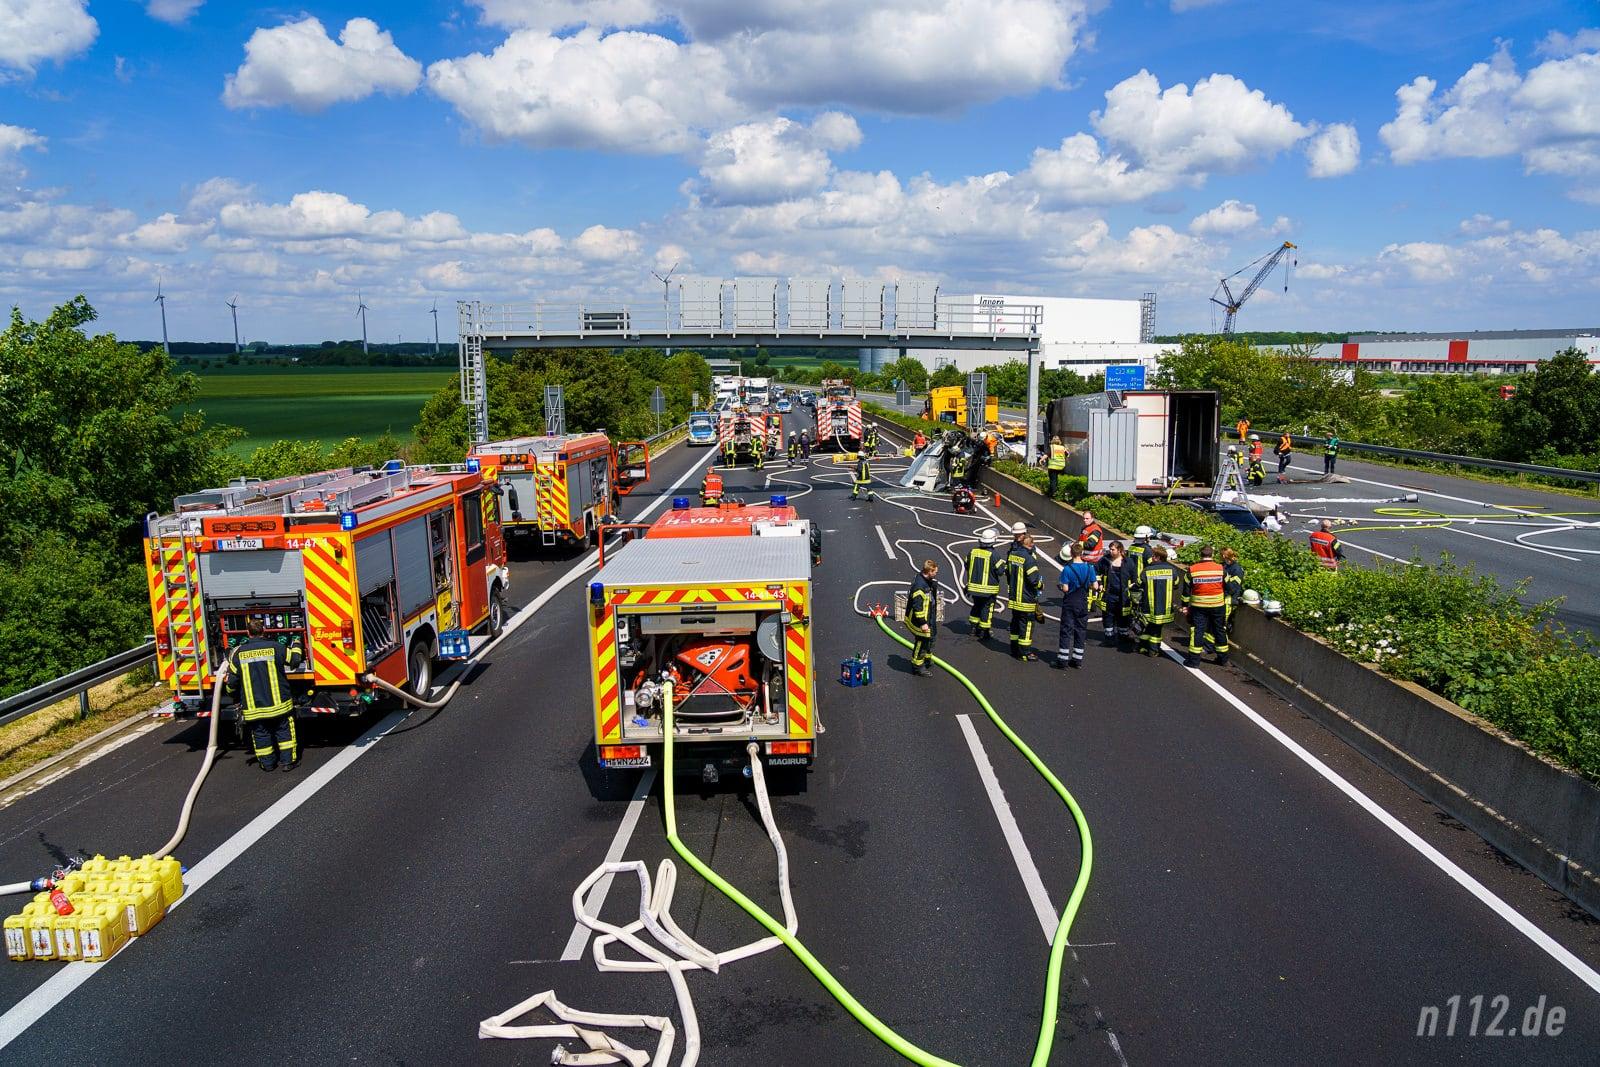 Übersicht der Unfallstelle auf der A2 (Foto: n112.de/Stefan Simonsen)